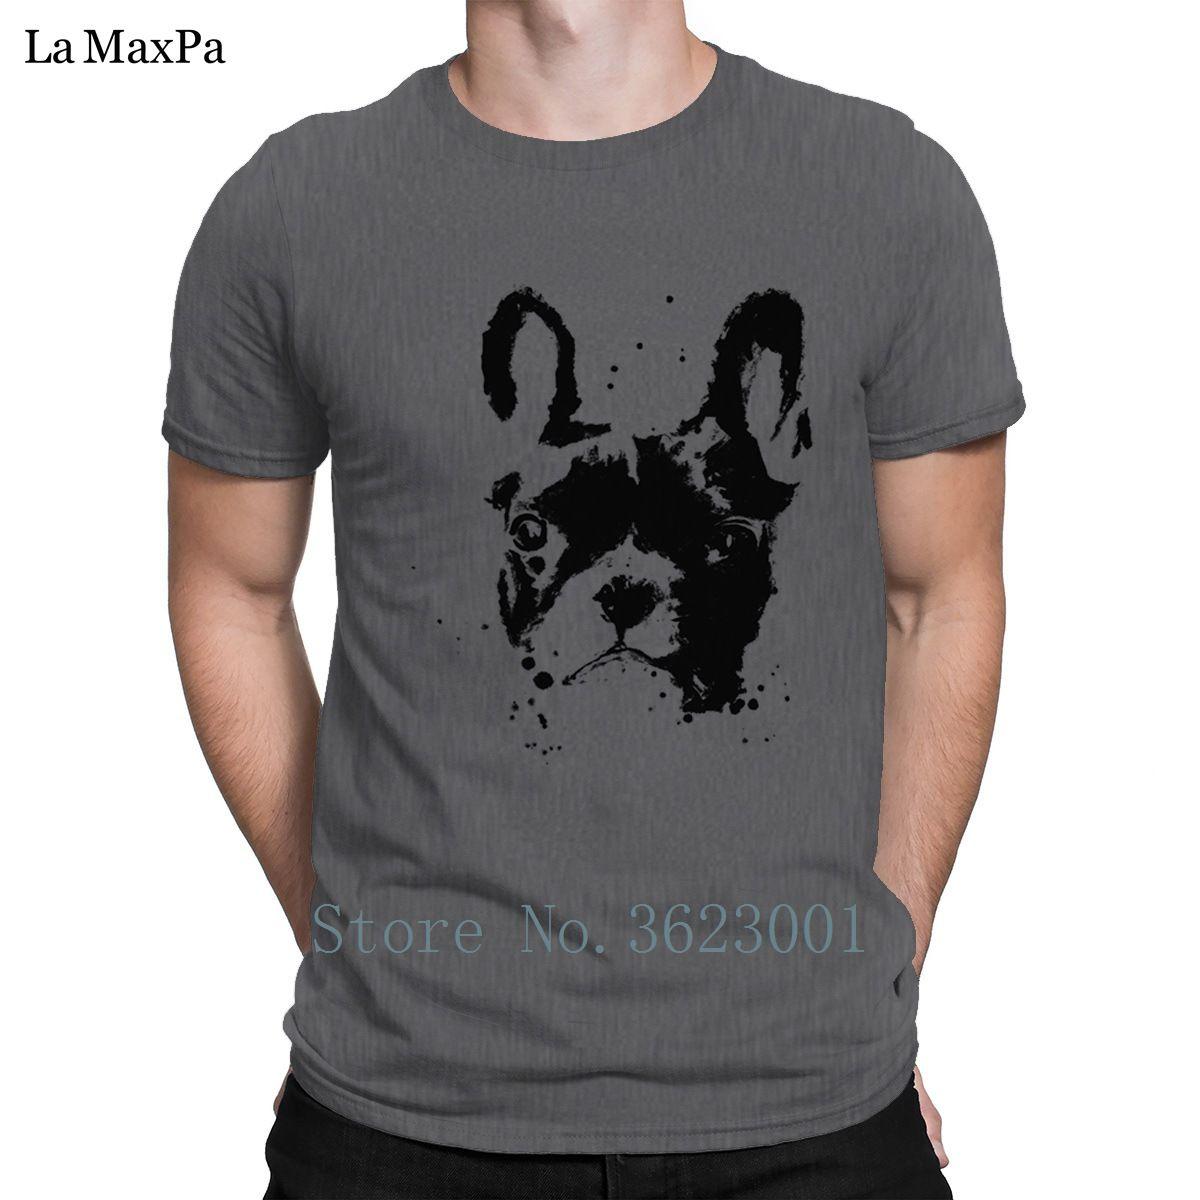 Diseños estándar T camisa de manga corta transpirable inteligente del hombre Bulldog caballero camiseta de los hombres de regalos